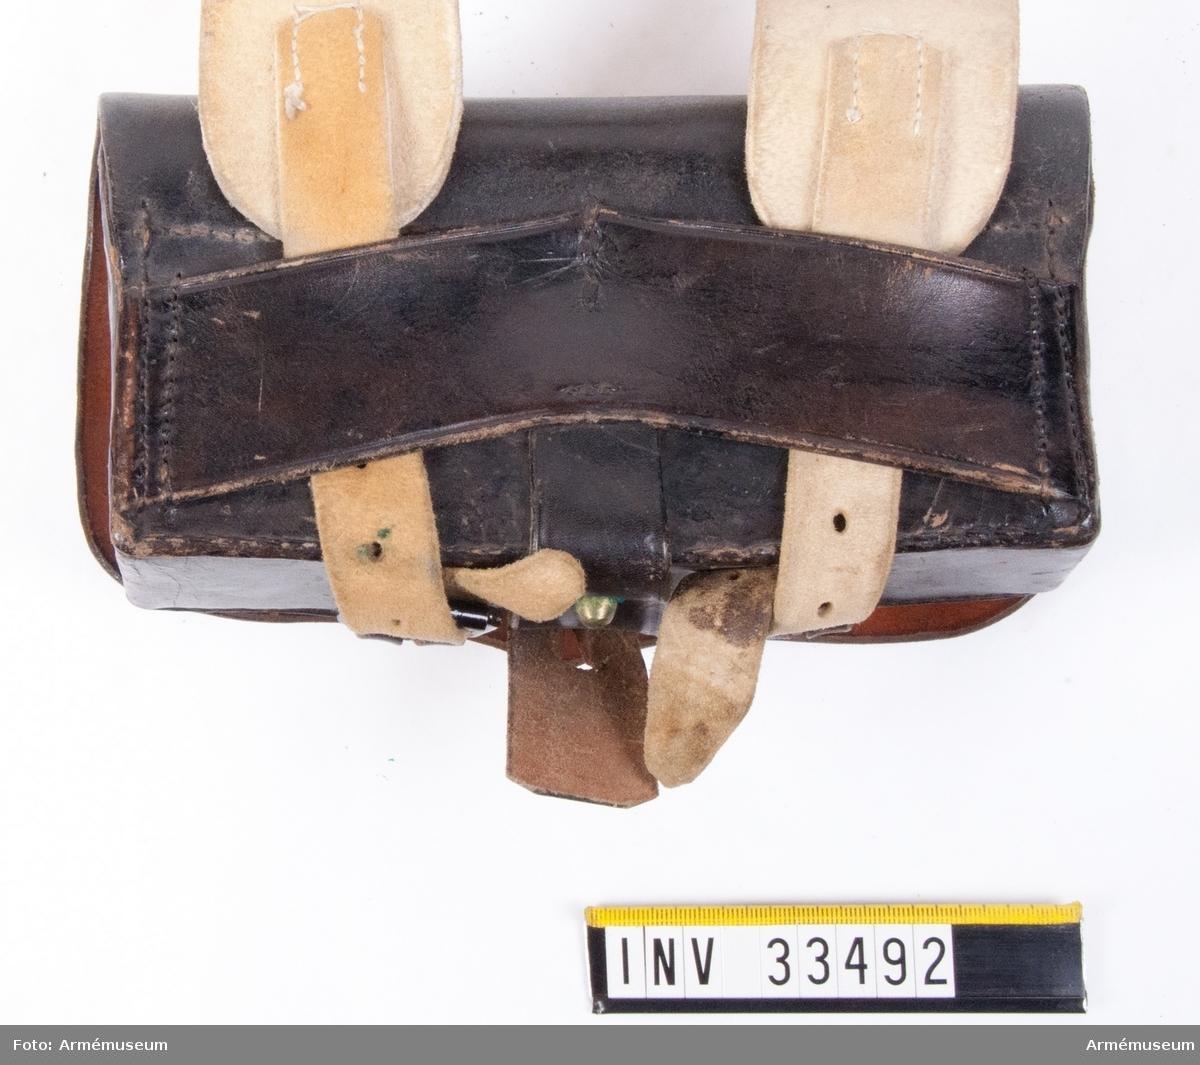 Grupp C I.  Ur uniform för parad för manskap vid Livreg:s husarkår. 1814-45. Består av dolma, päls, byxor, skärp med mössa, plym, kordong, flygel, mössplåt, kokard och hakrem, halsduk, handskar, stövlar, sporrar, kartusch med rem, sabelkoppel, handrem, sabeltaska med remmar. Kartusch enligt Beklädnadsreglemente 10/4 1809 (Livre. hus). Modell 21/11 1827 och 22/1 1836 utan beskrivning.